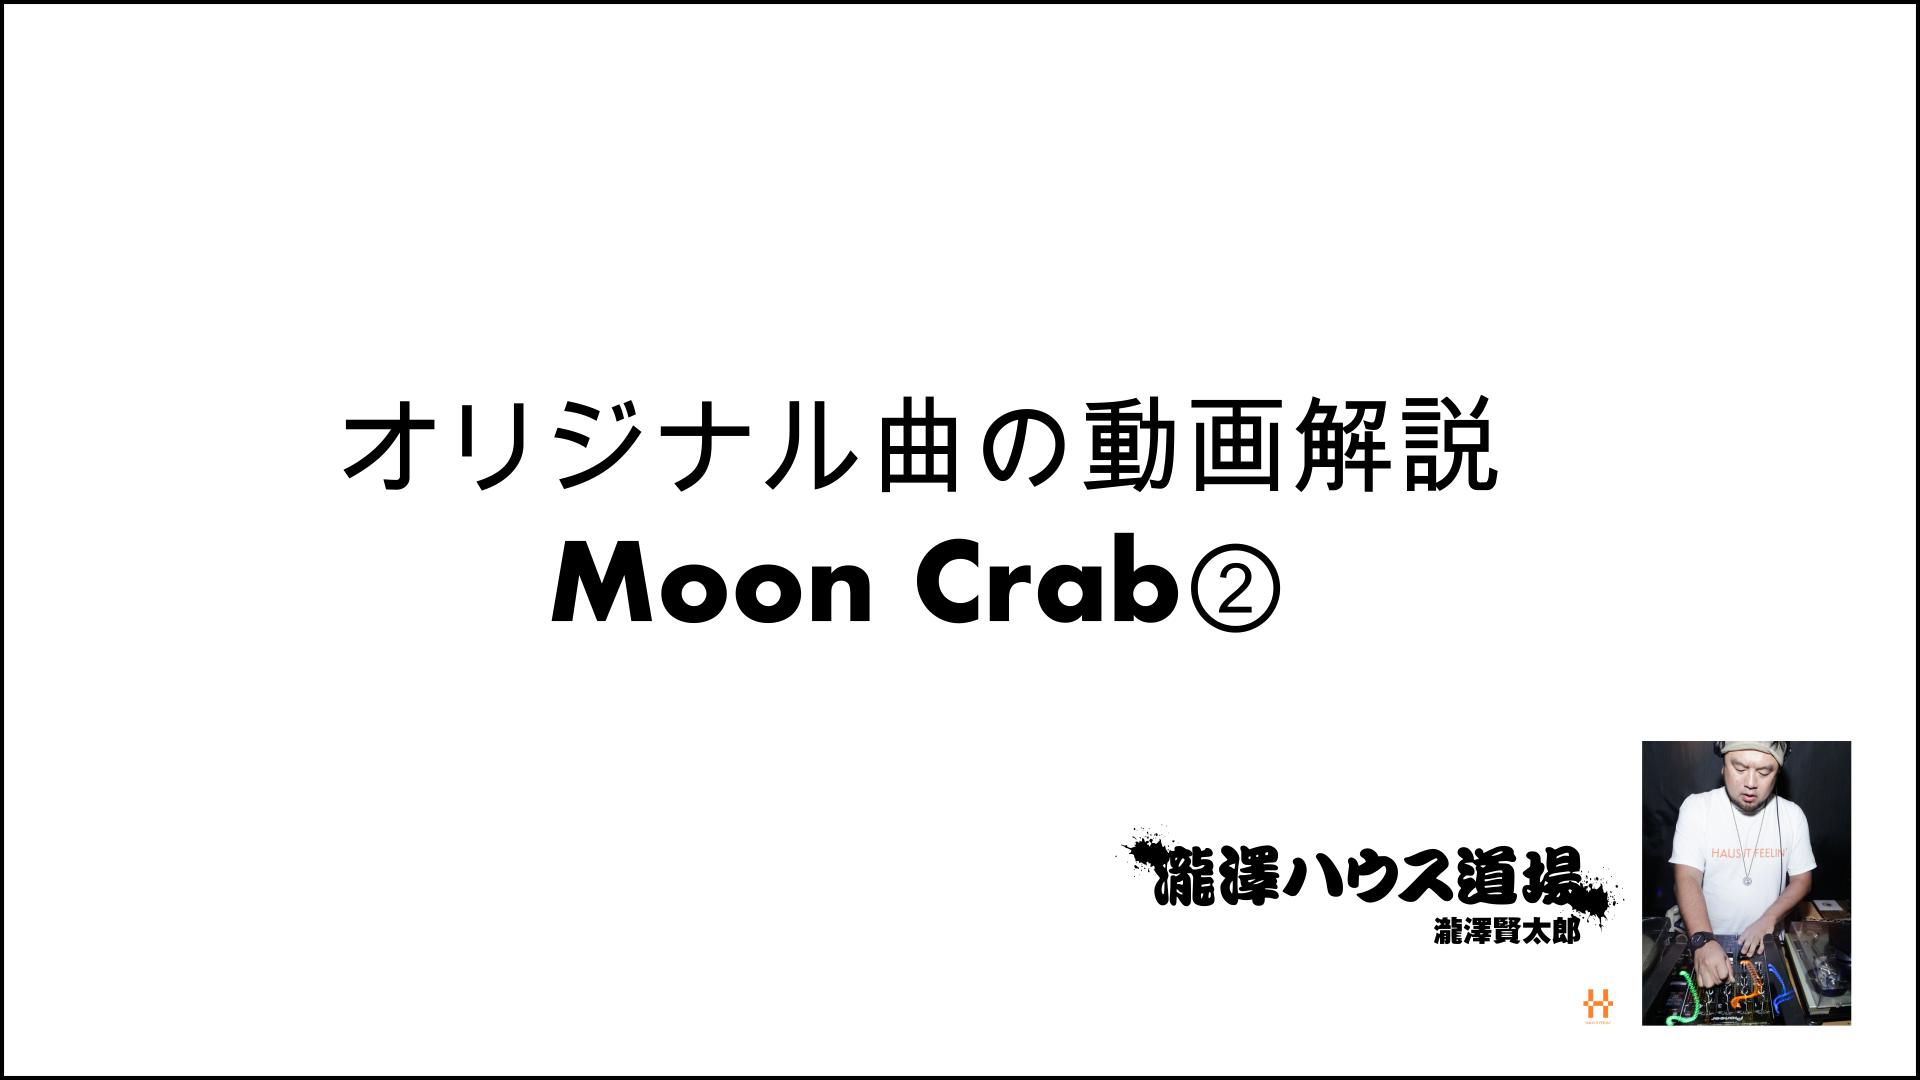 オリジナル曲の動画解説 Moon Crab② 210203